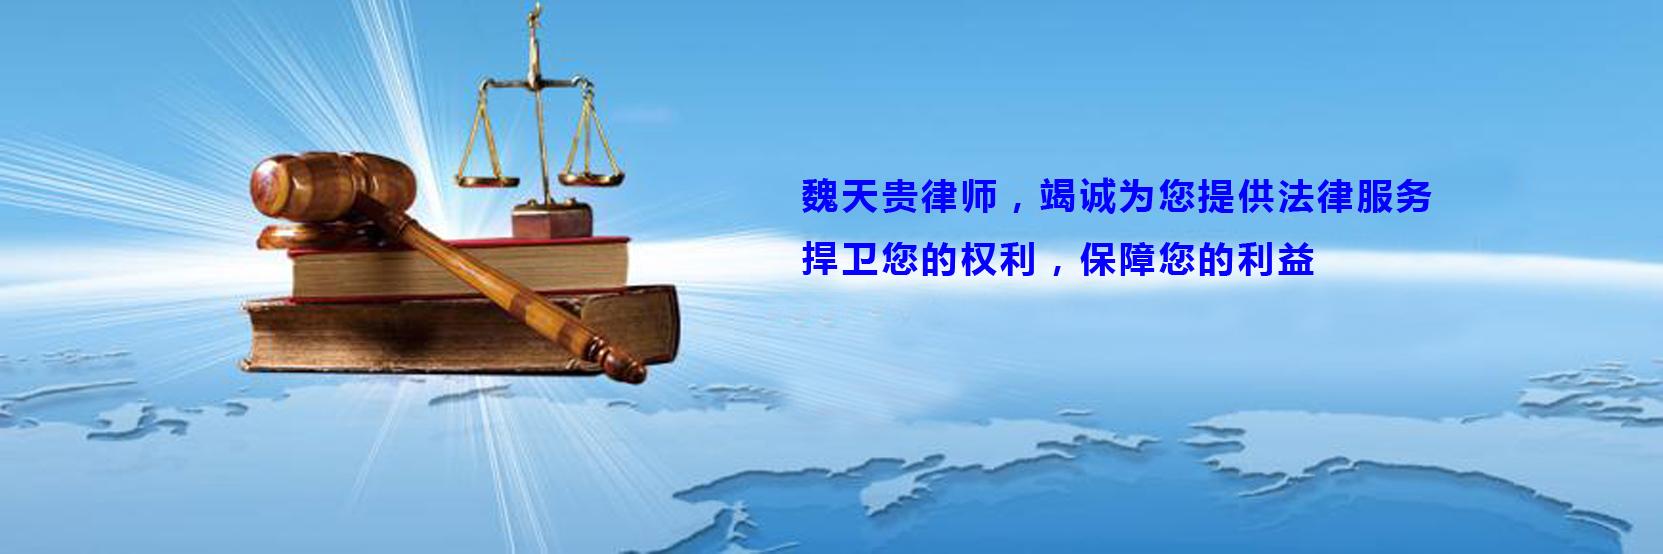 北京职务犯罪律师